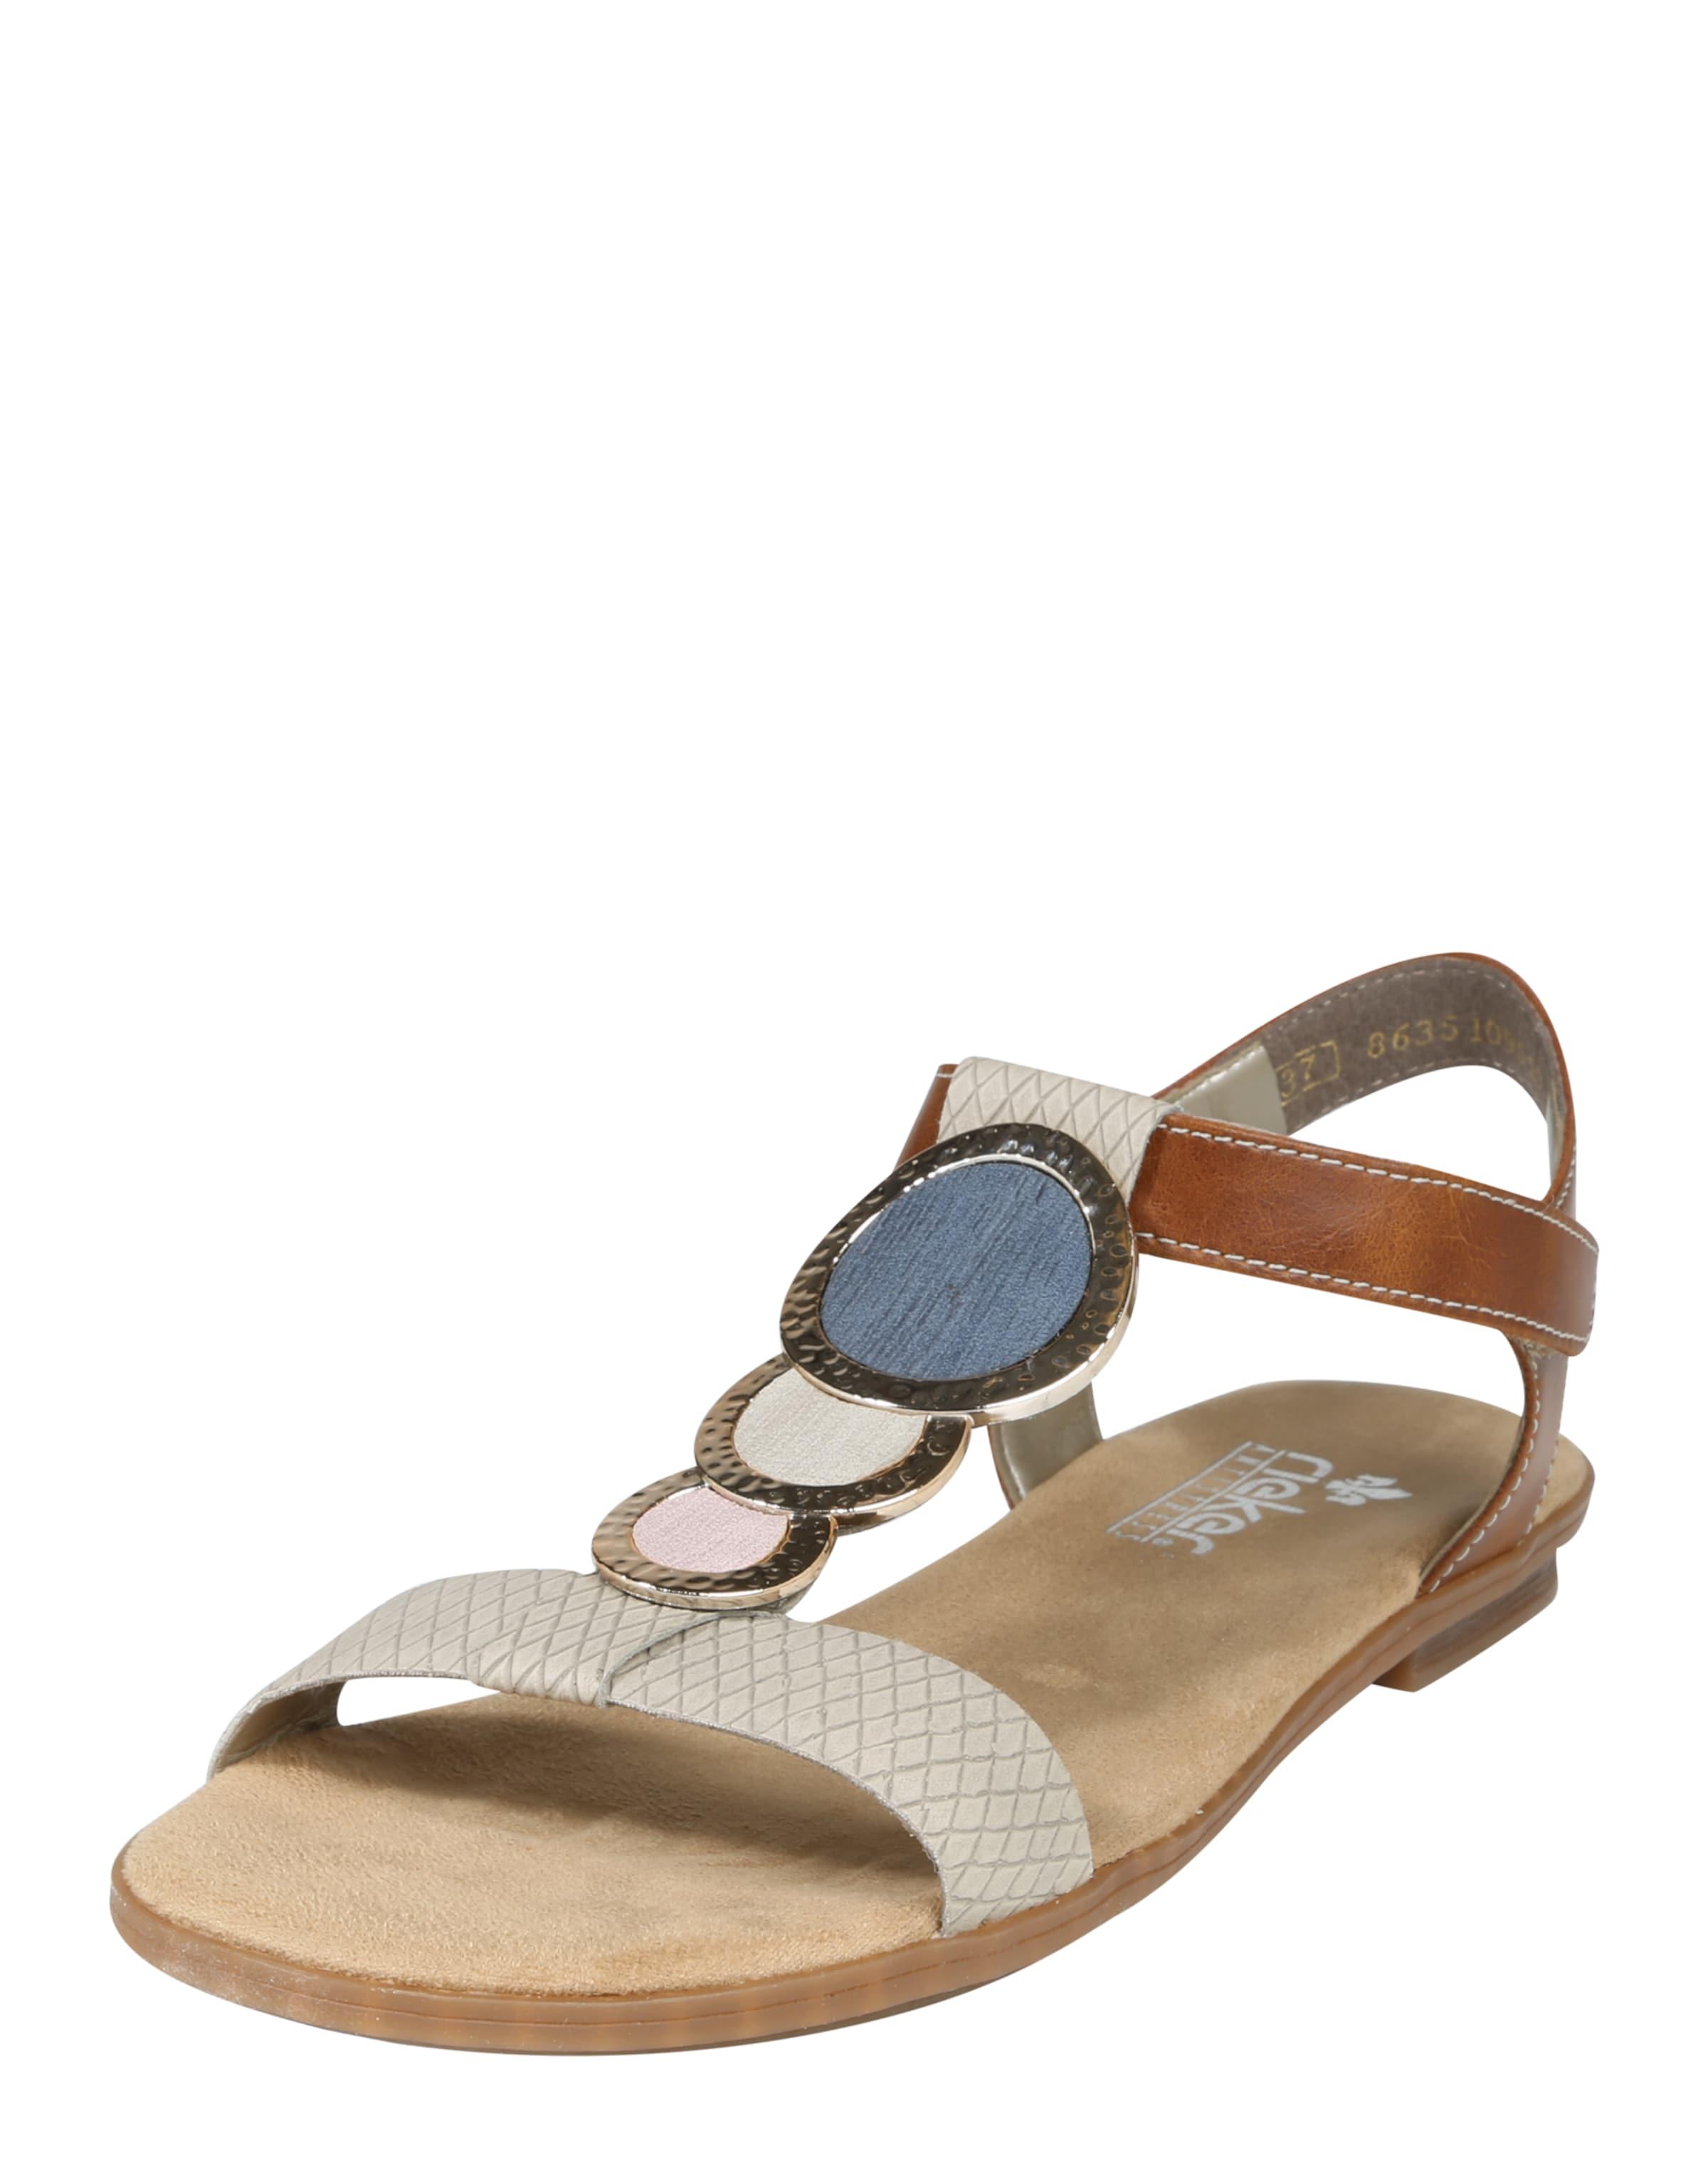 RIEKER Sandale mit Dekosteinen Qualität Outlet-Store Rabatt Großhandelspreis VPUDE1Z2